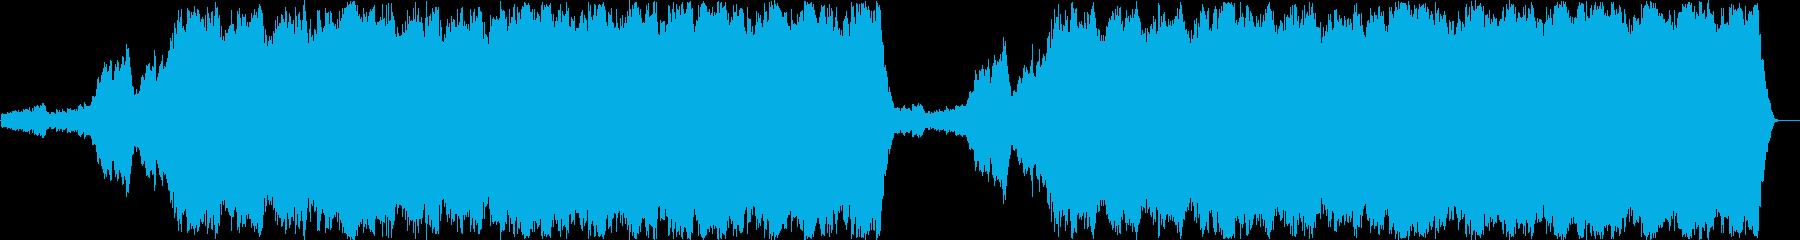 廃墟をイメージした儚い系ノイジーなBGMの再生済みの波形